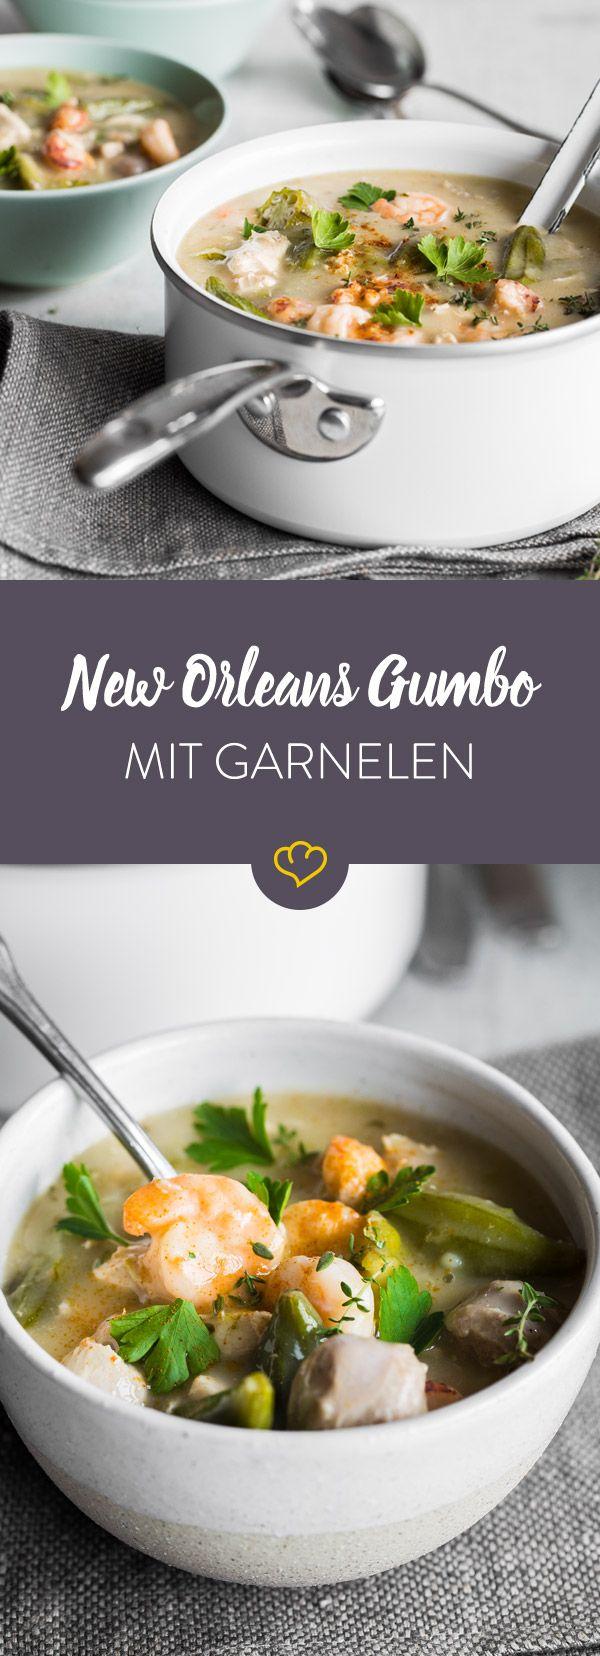 New Orleans Gumbo ist ein deftiger amerikanischer Eintopf mit Garnelen, Austern, Hähnchen, Bratwurst, Gemüse, Gewürze und einer Mehlschwitze. So köstlich!